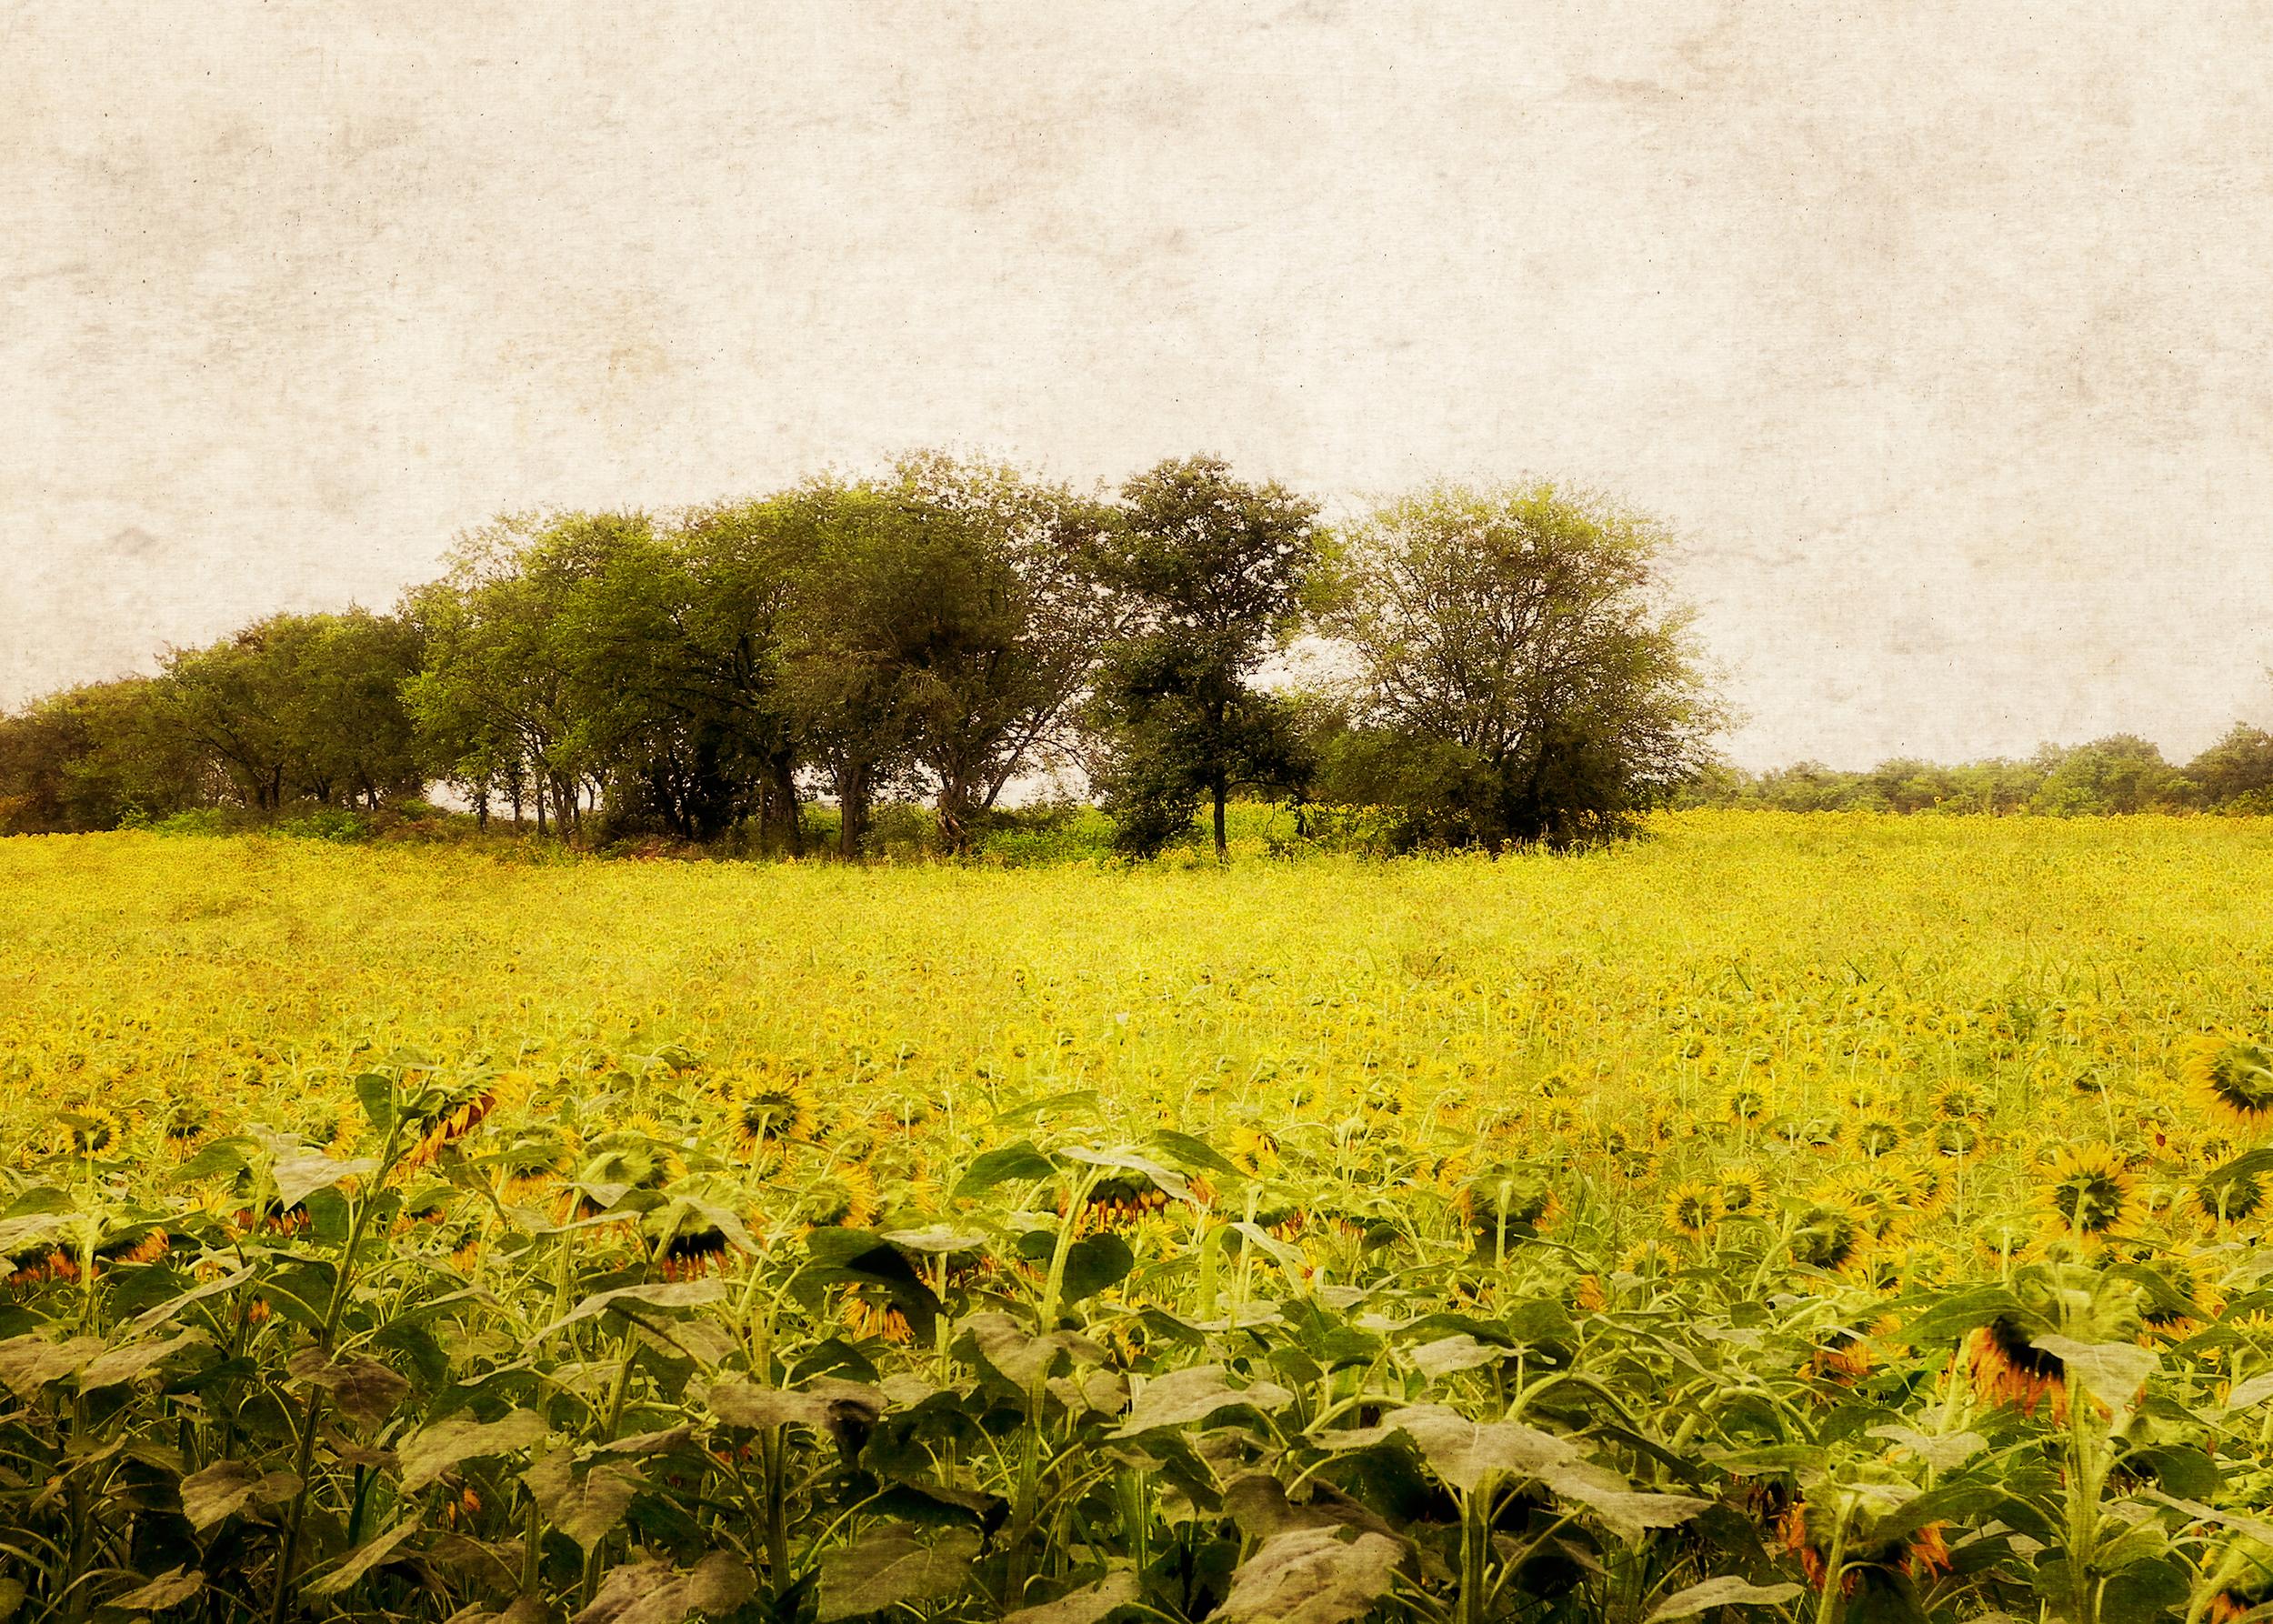 Forever Postcard_Sunflower field 5x7.jpg